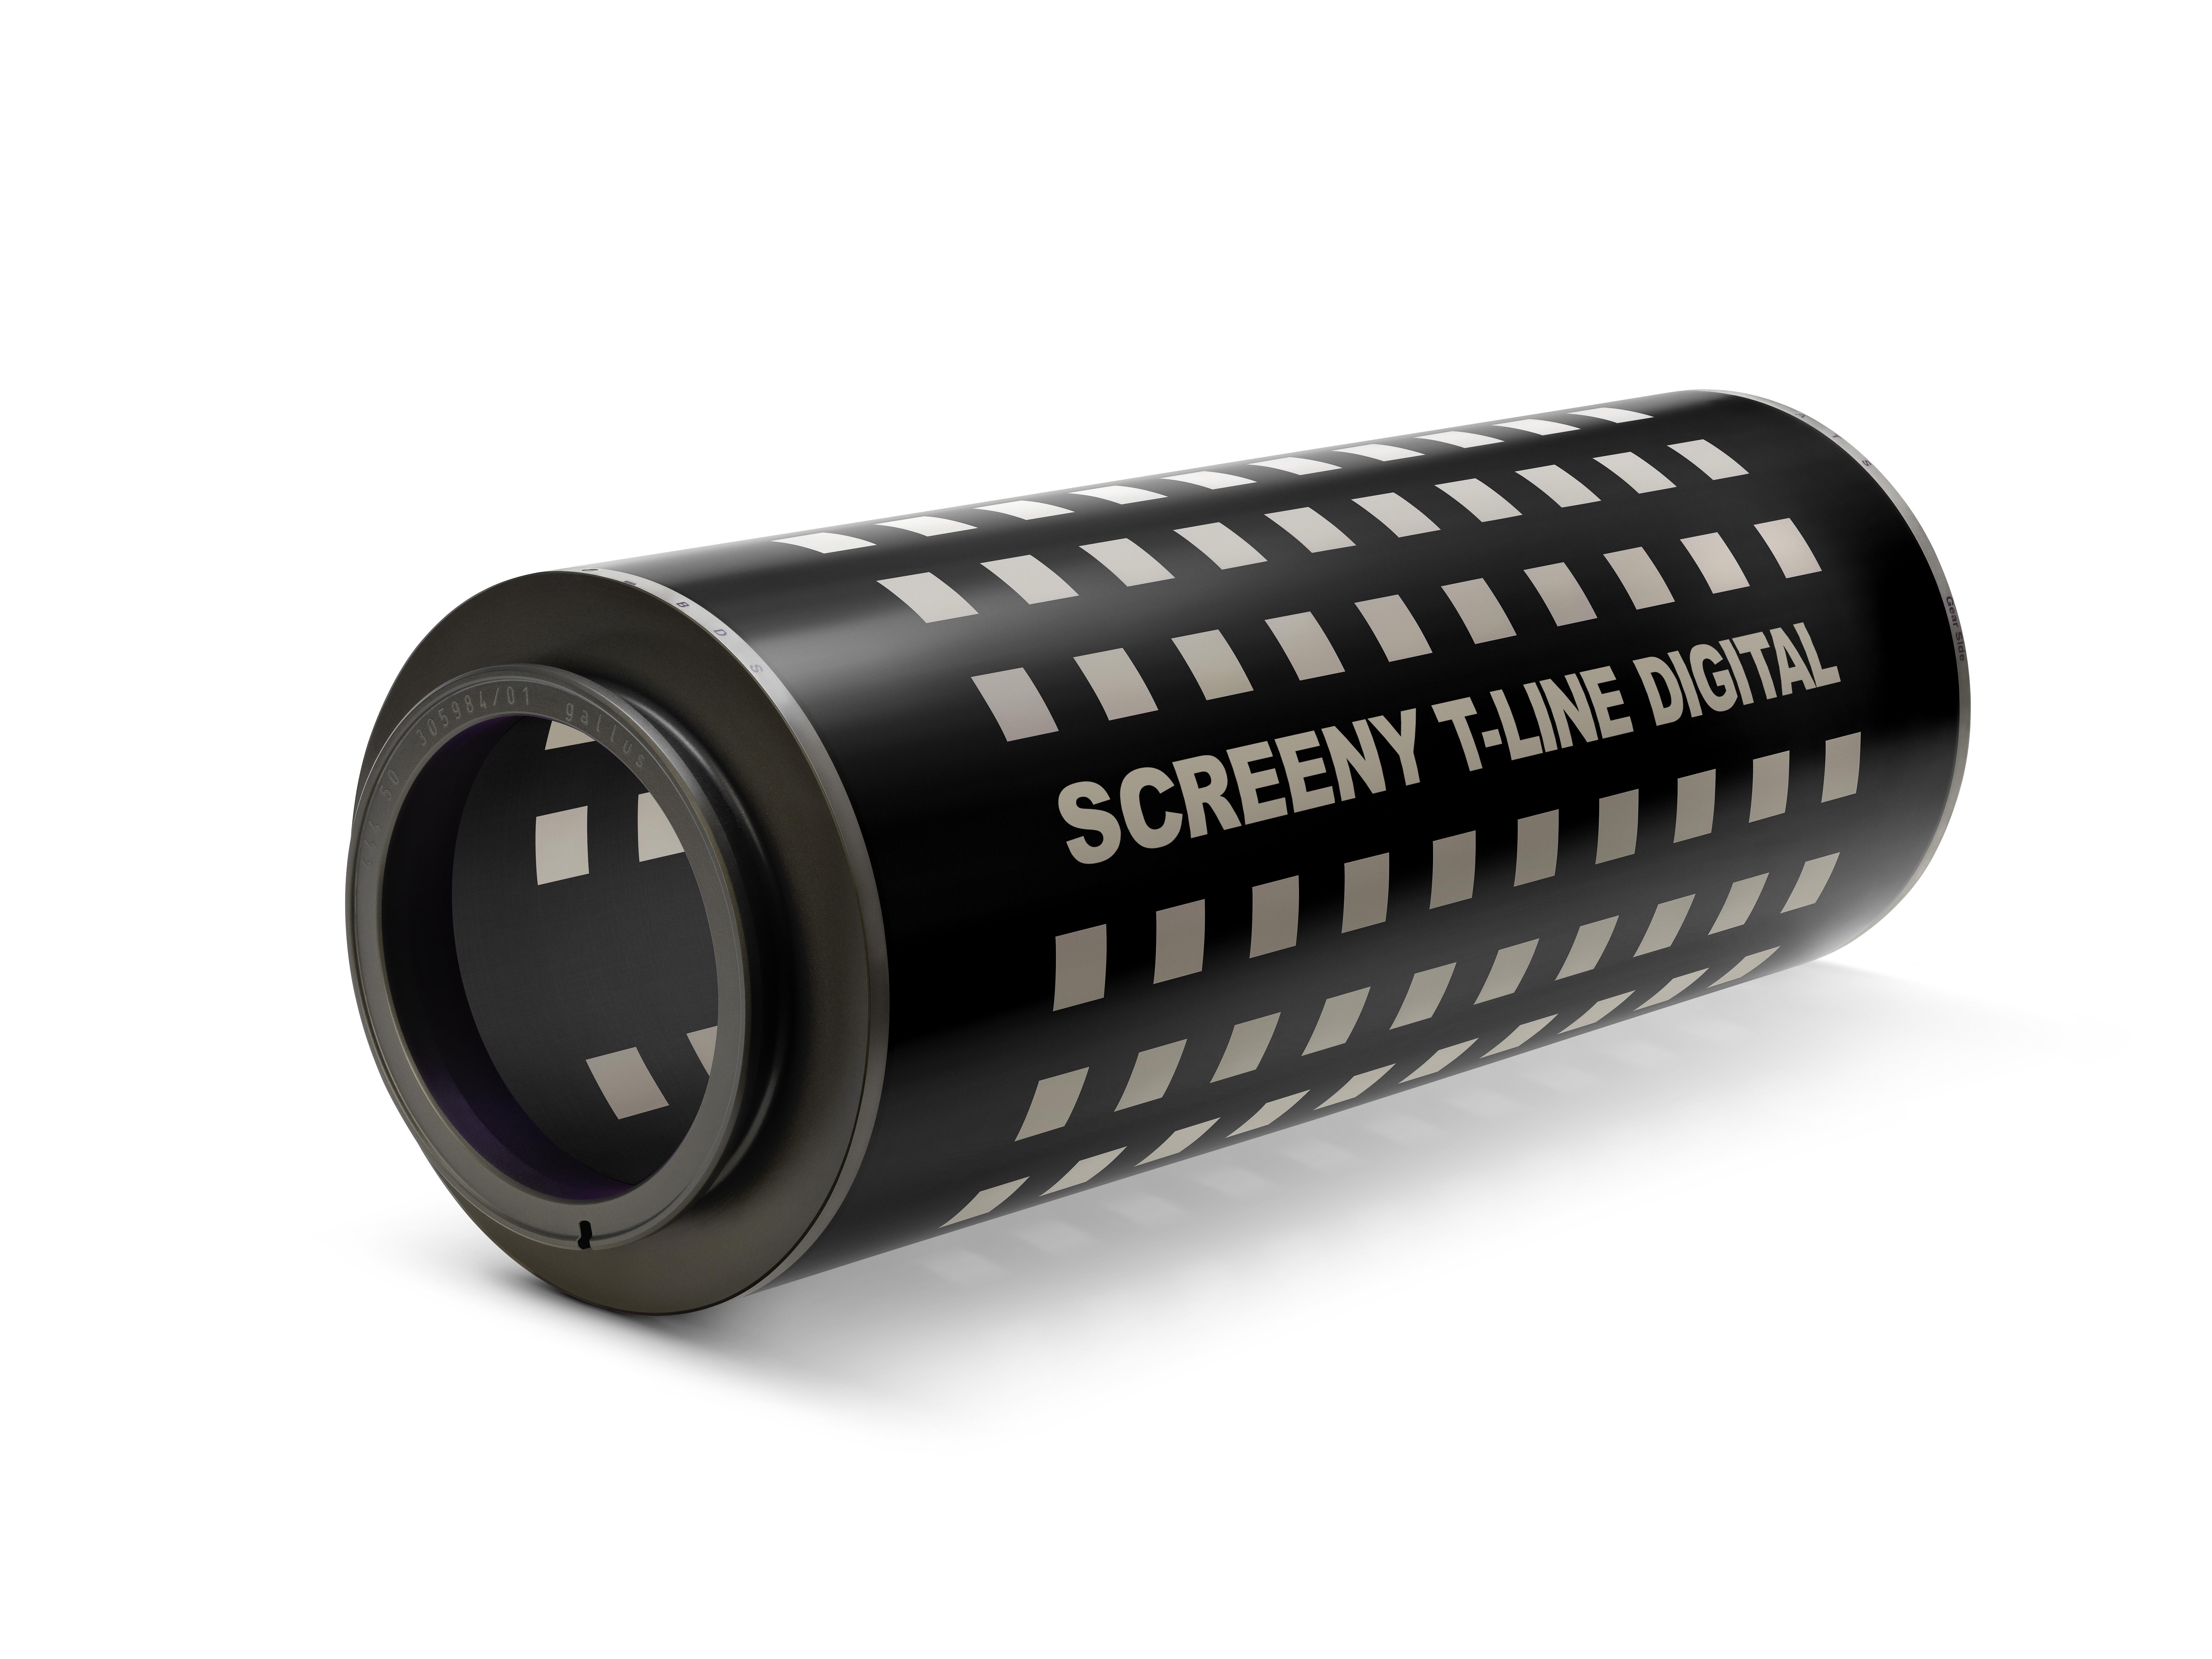 5_screeny_t-line digital_schatten